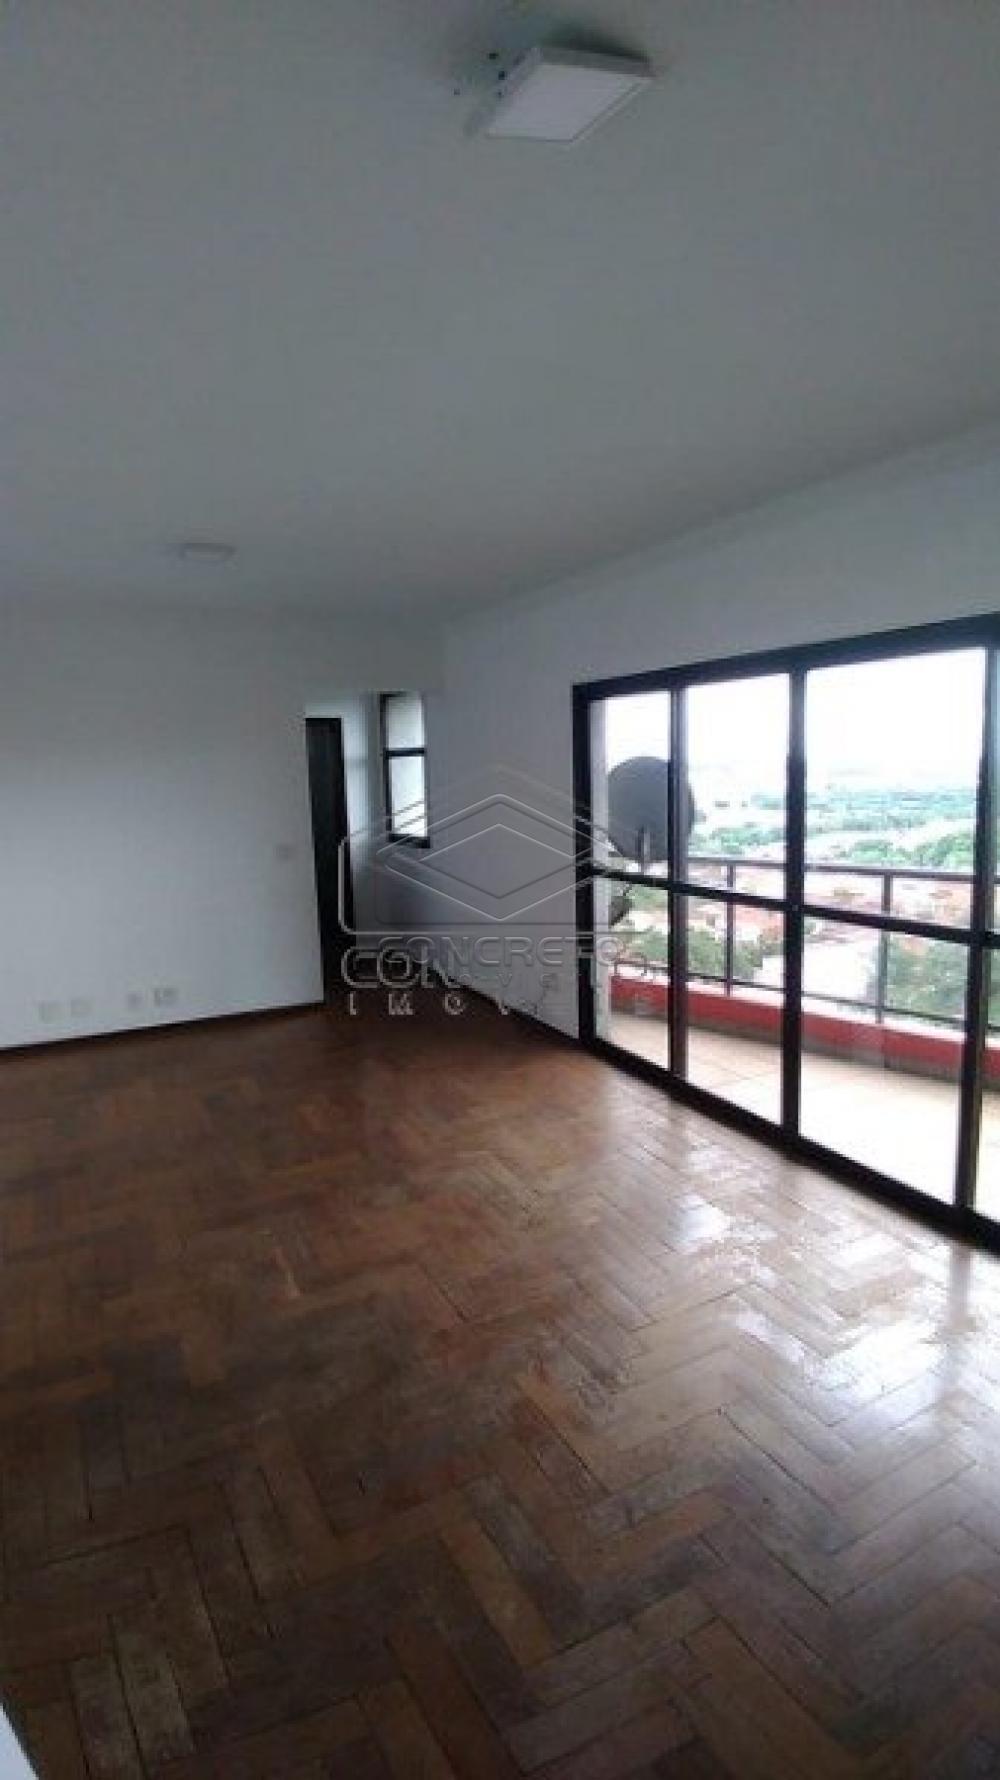 Comprar Apartamento / Padrão em Jau apenas R$ 380.000,00 - Foto 1